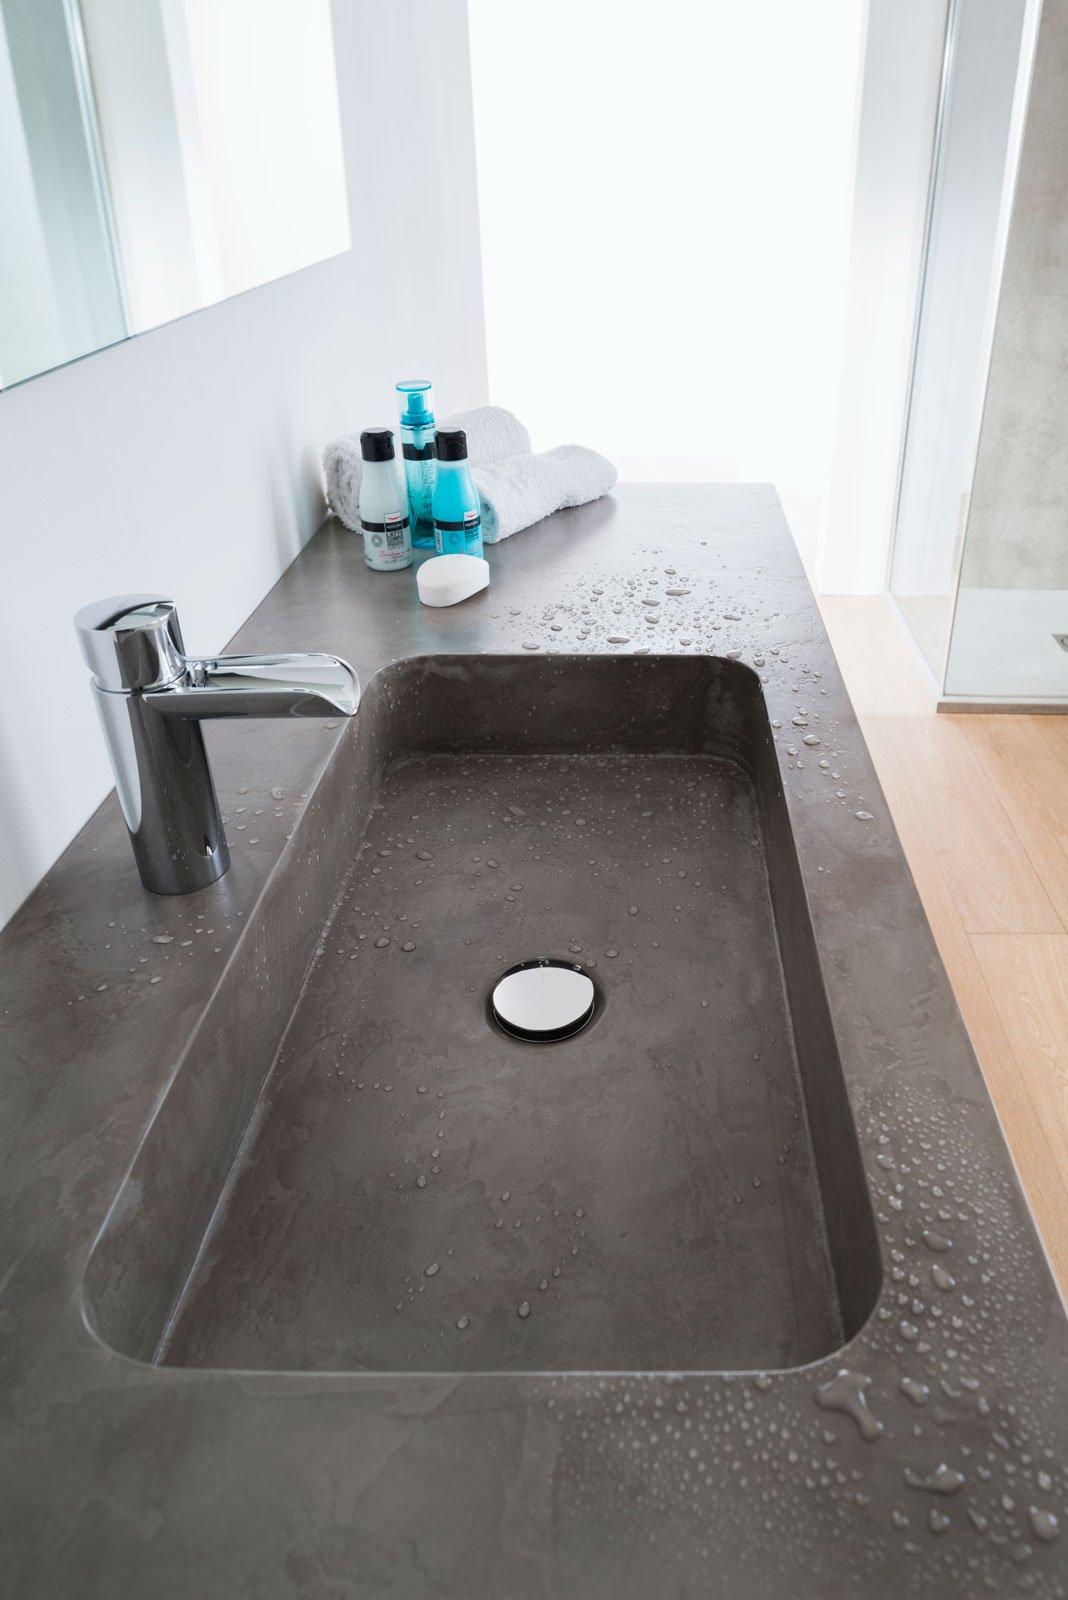 Tendenze bagno malte e nuove malte effetto argilla - Spessore top cucina ...